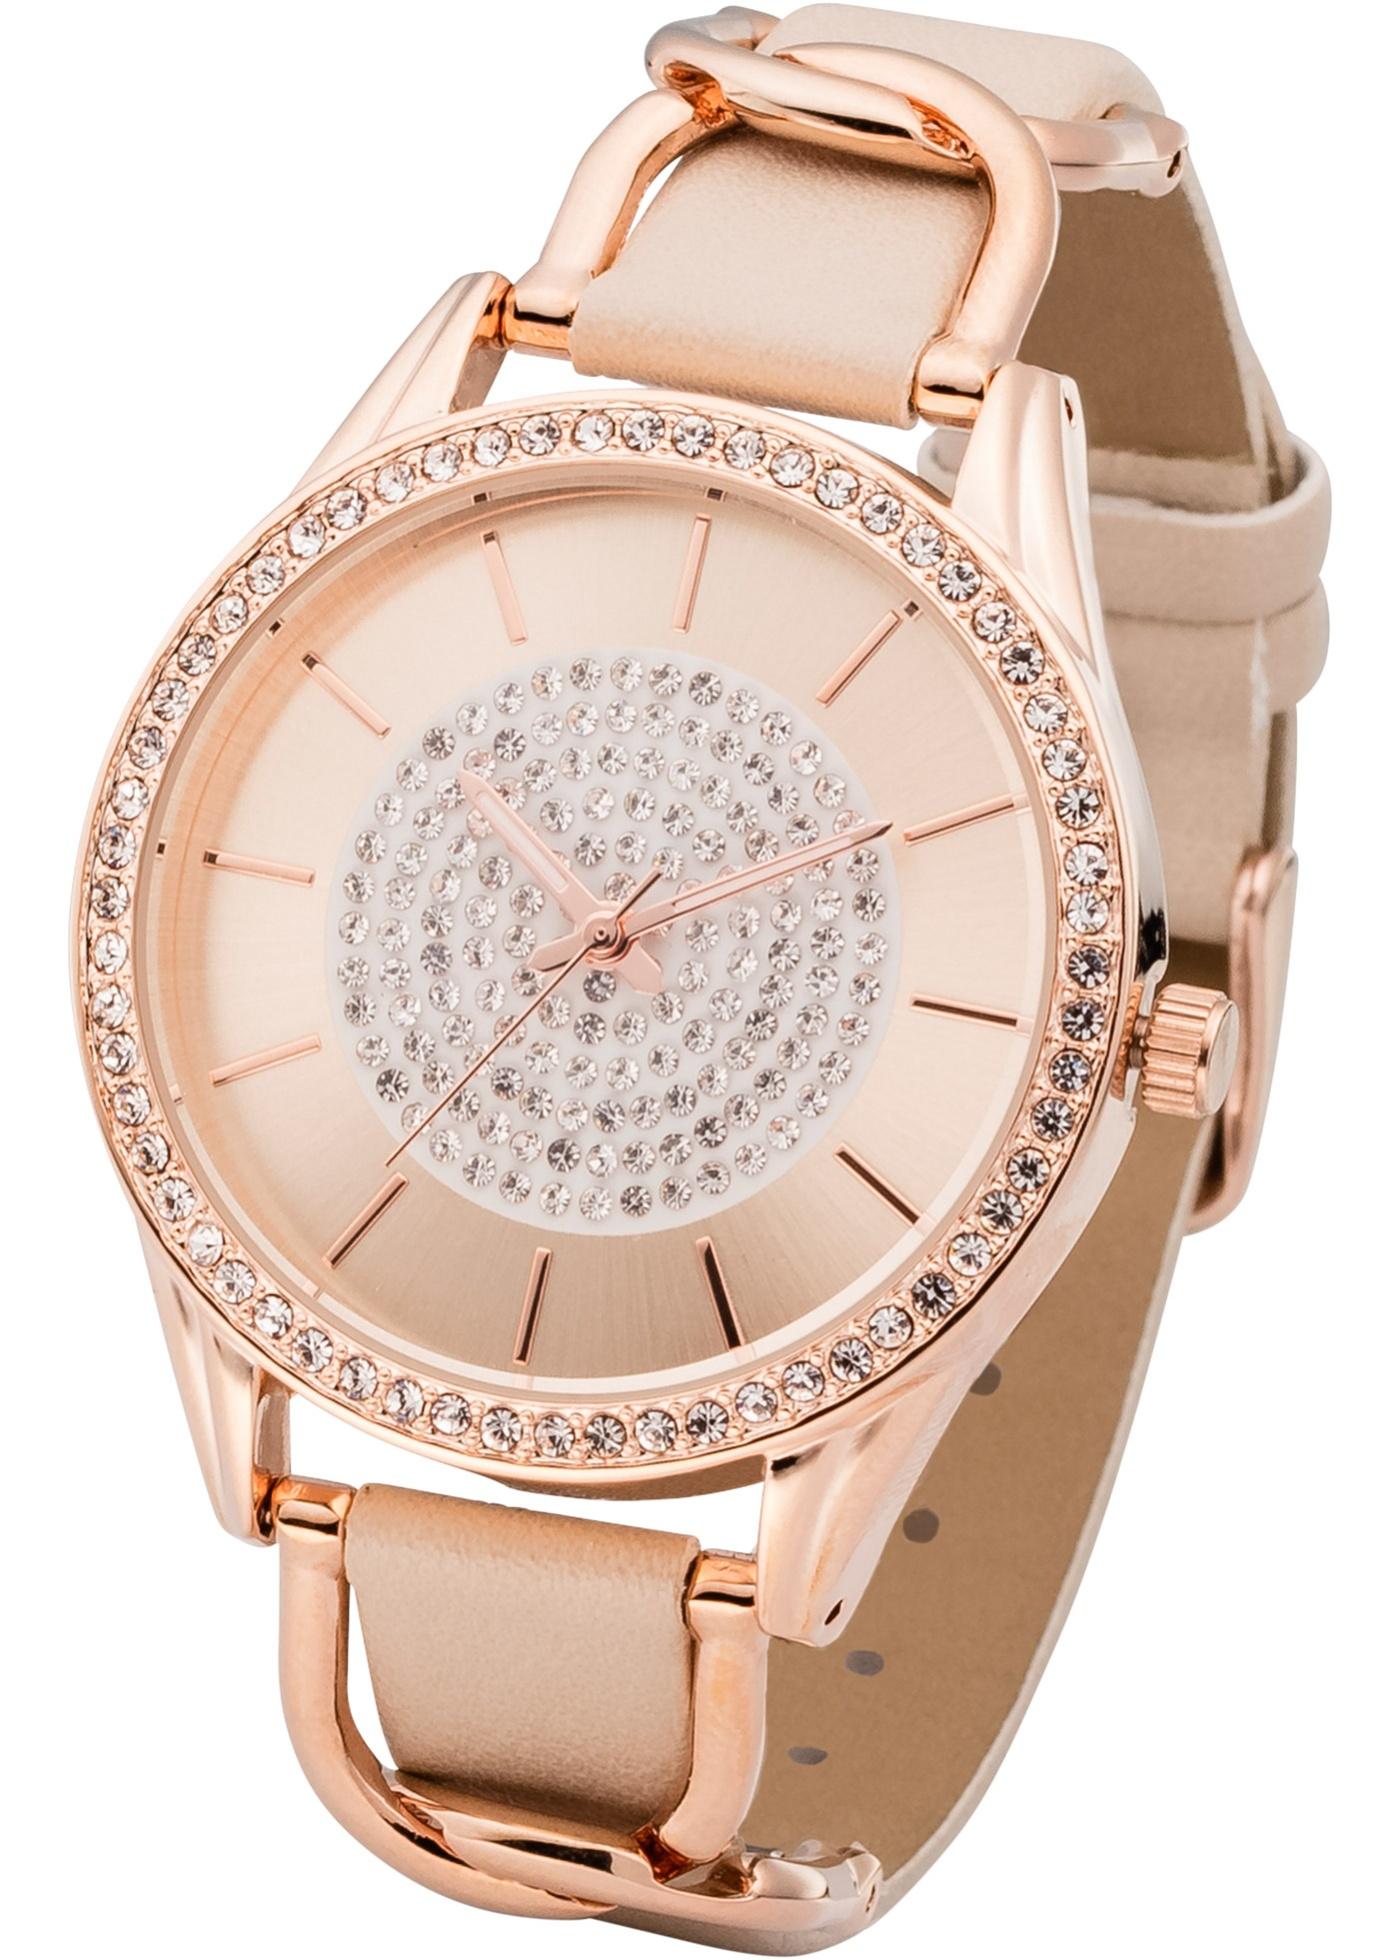 Náramkové hodinky s ozdobnými elementy - zlatá 819cb38cfe